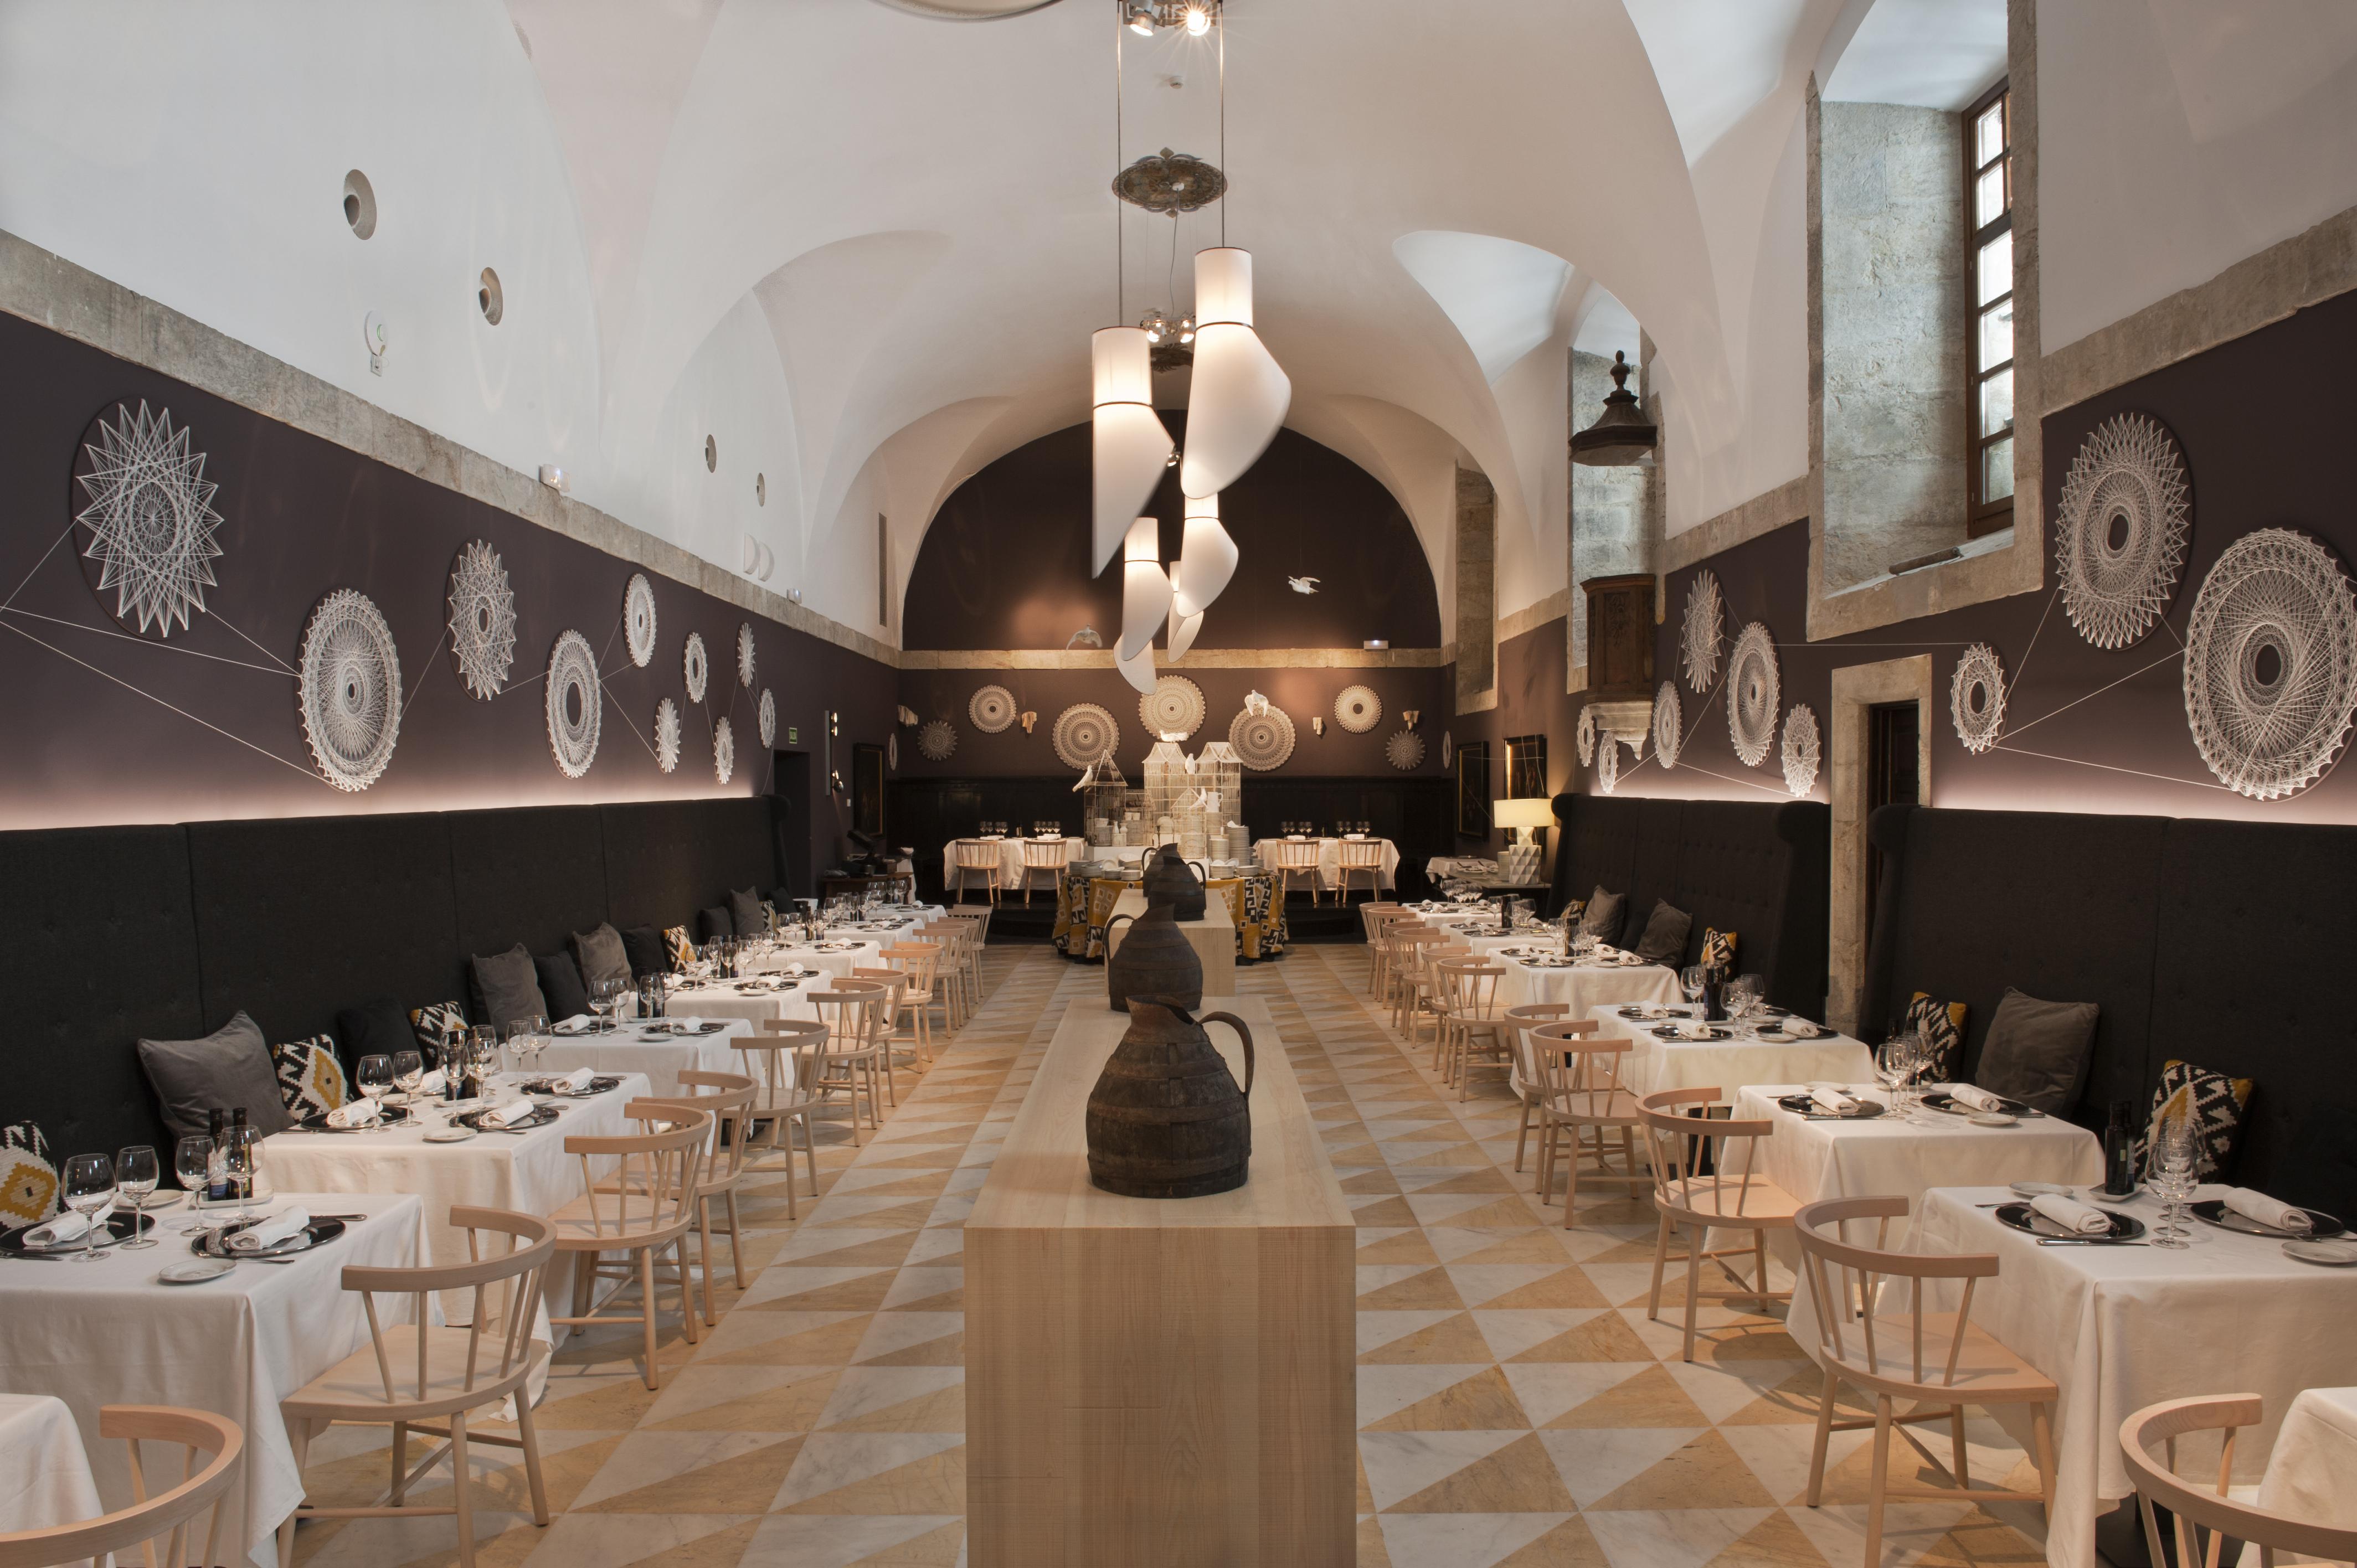 Hotel Parador de Corias, Restaurant Overview